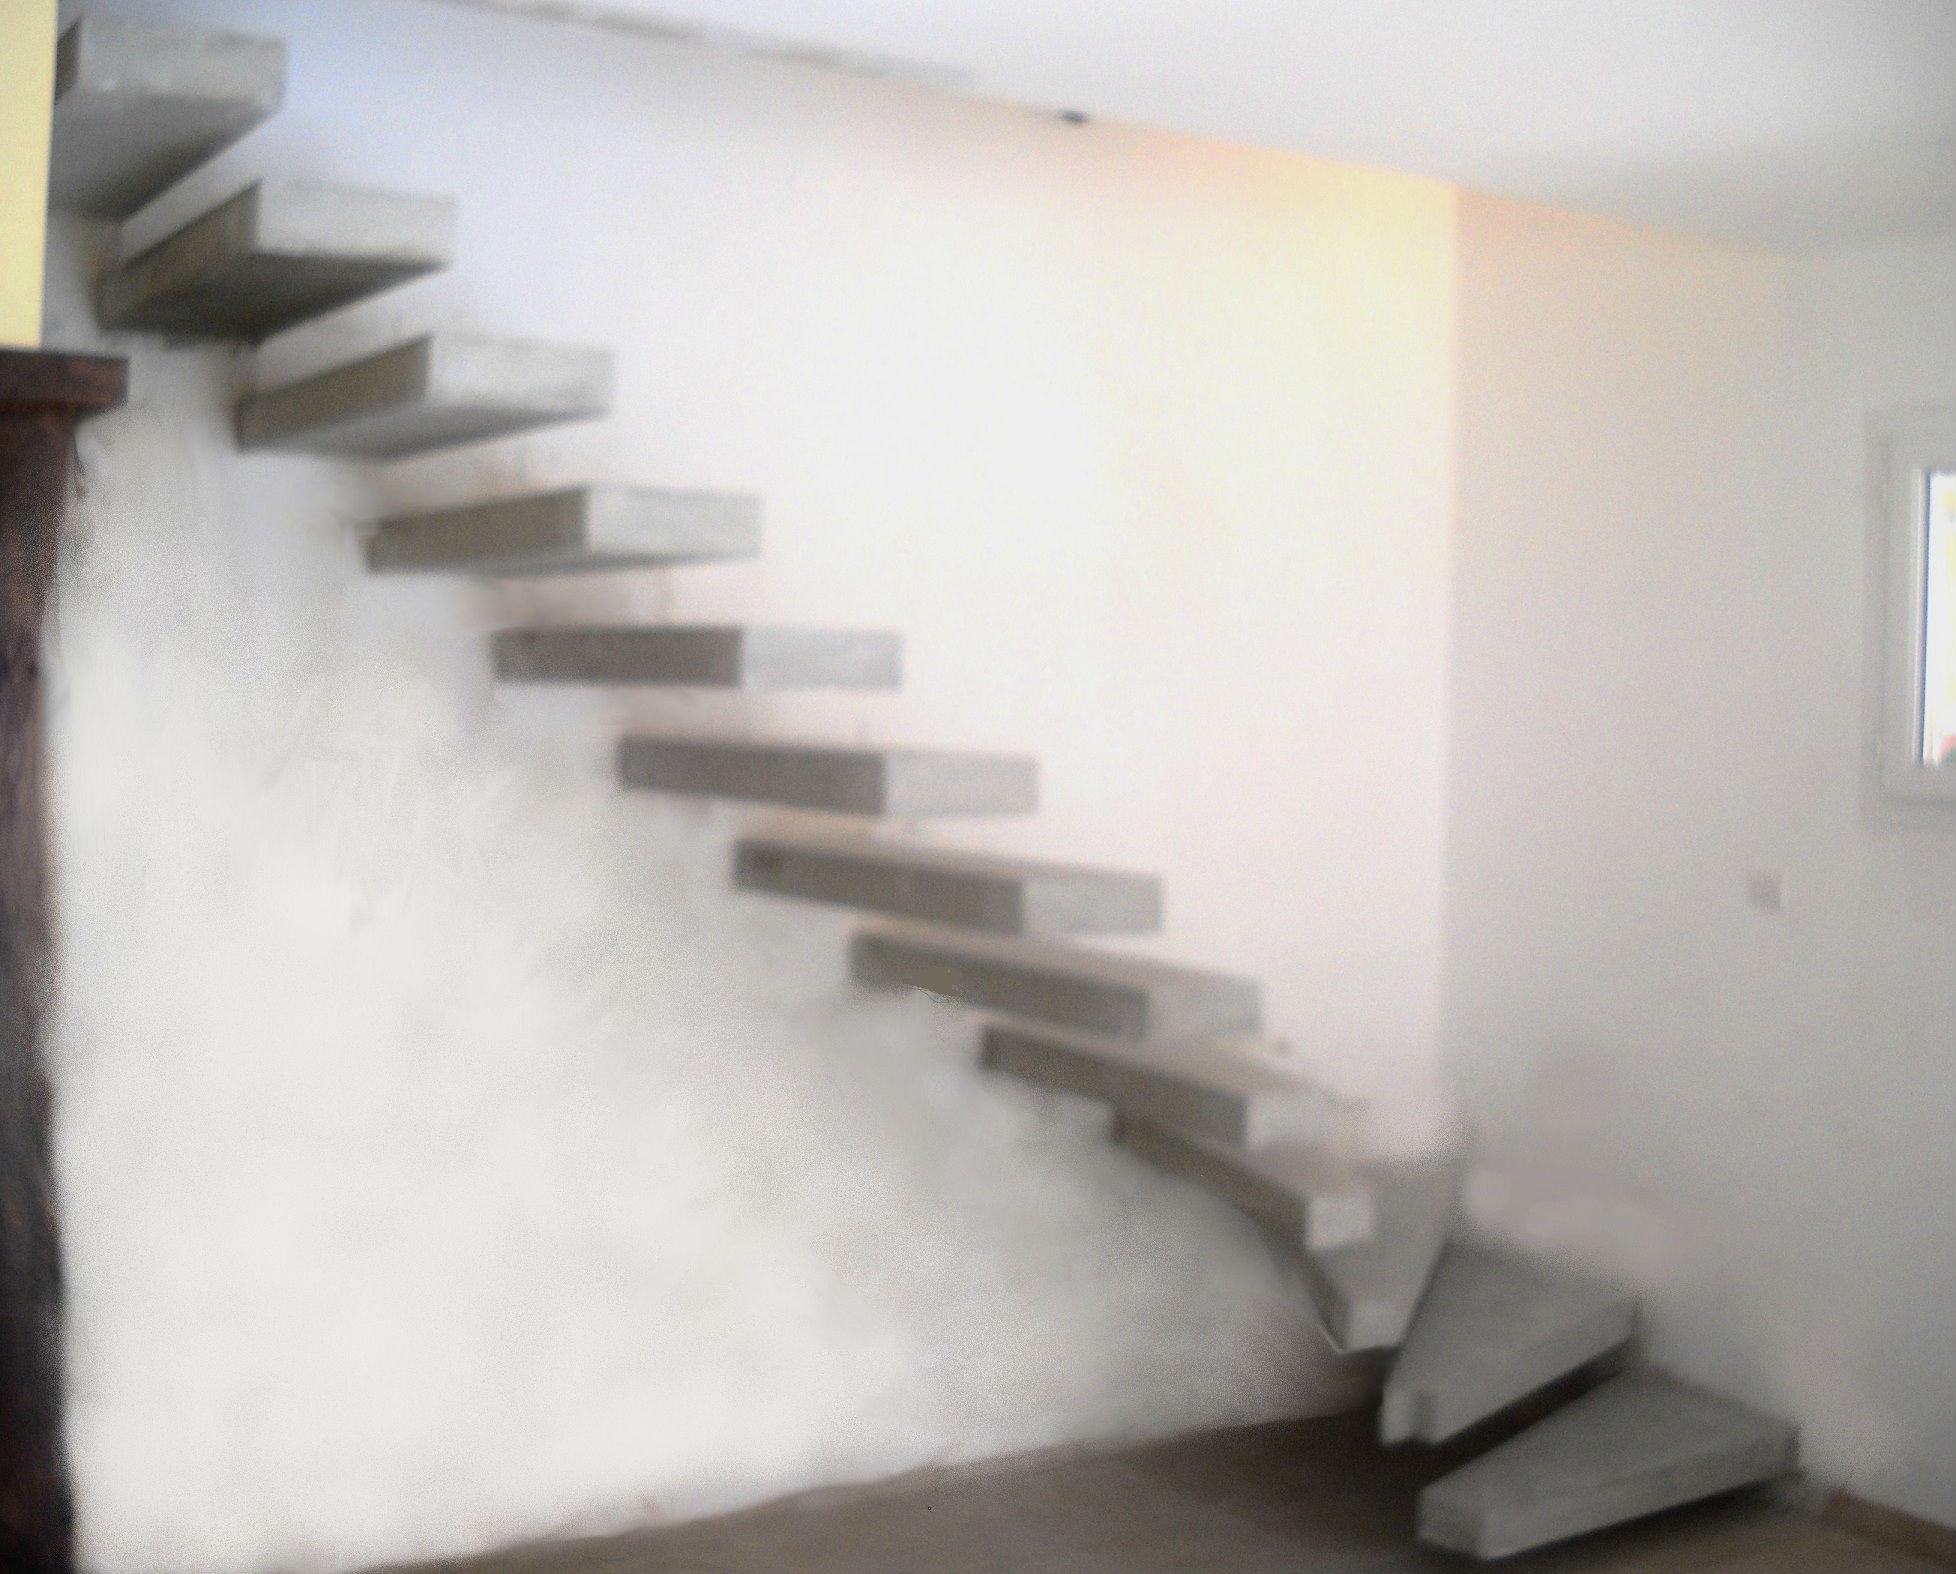 escaliers suspendus escaliers u gamme de production escalier suspendu toulouse with escaliers. Black Bedroom Furniture Sets. Home Design Ideas